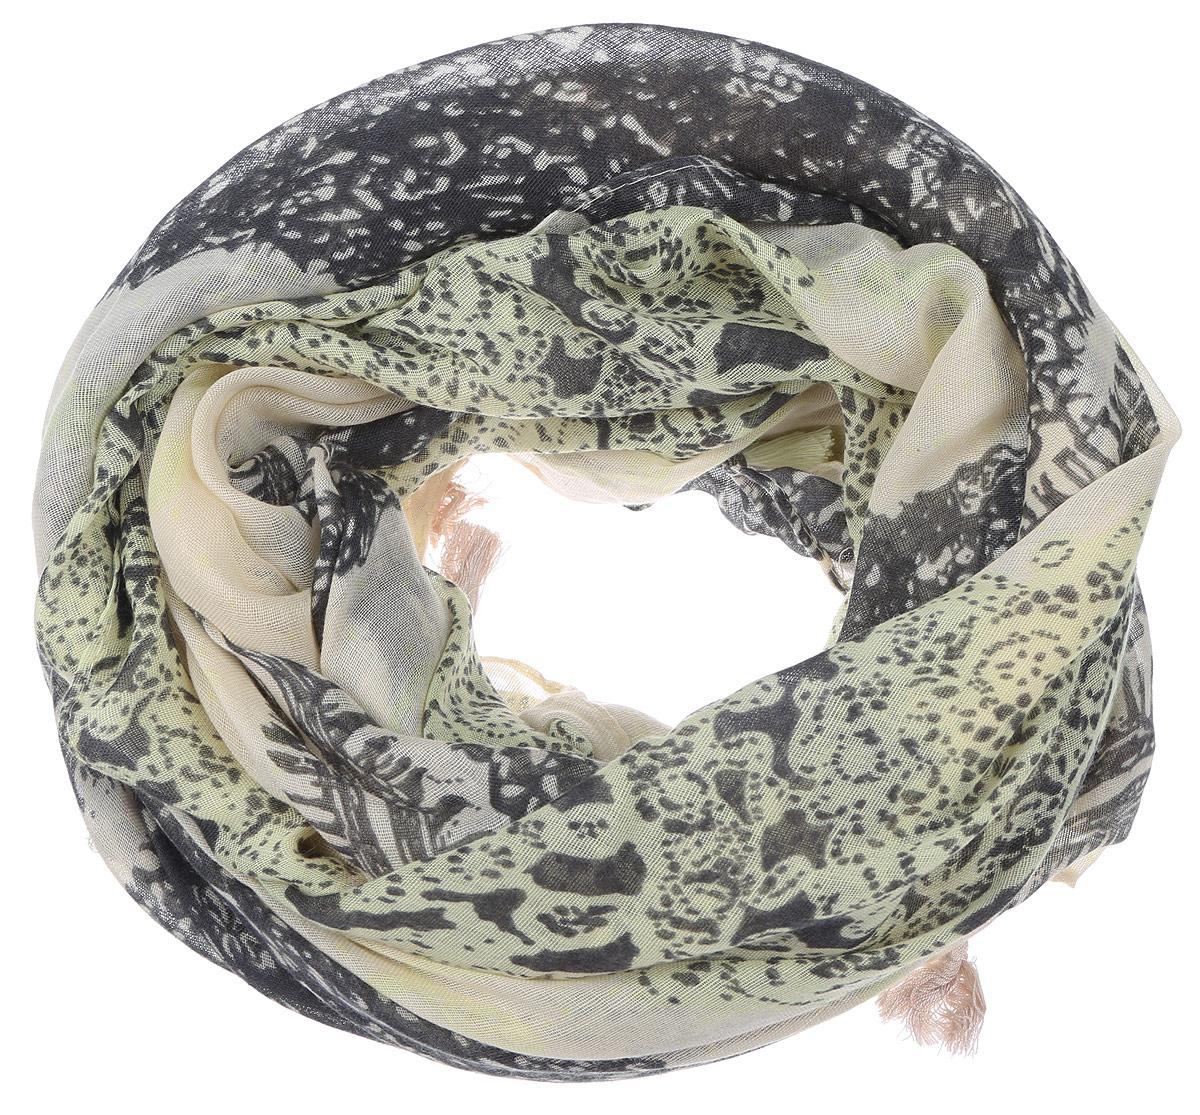 ПалантинYY-21667-38Элегантный палантин Sophie Ramage изготовлен из высококачественного модала с добавлением шелка. Оформлена модель стильным принтом с узорами и дополнена по краям бахромой в виде пушистых кисточек. Палантин красиво драпируется, он превосходно дополнит любой наряд и подчеркнет ваш изысканный вкус.